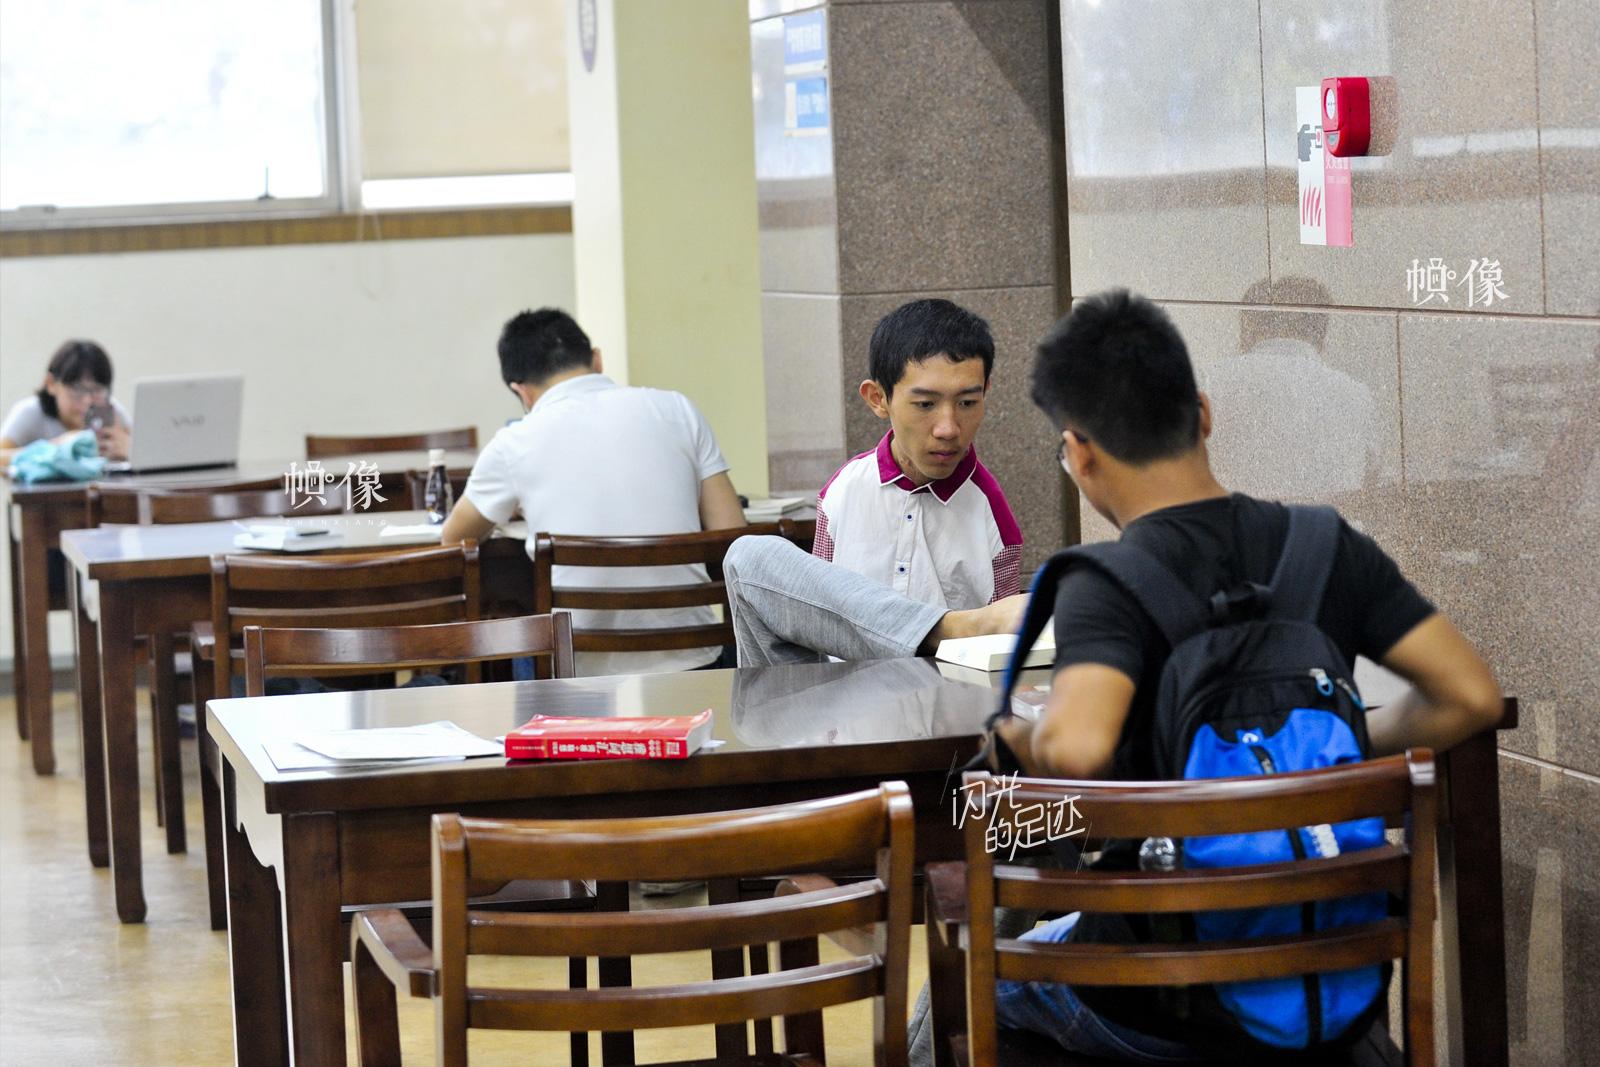 2015年9月14日,成都,无臂大学生彭超迎来了自己的大学生活,洗漱叠被子全都自己来。图为彭超在图书馆学习。(视觉中国)